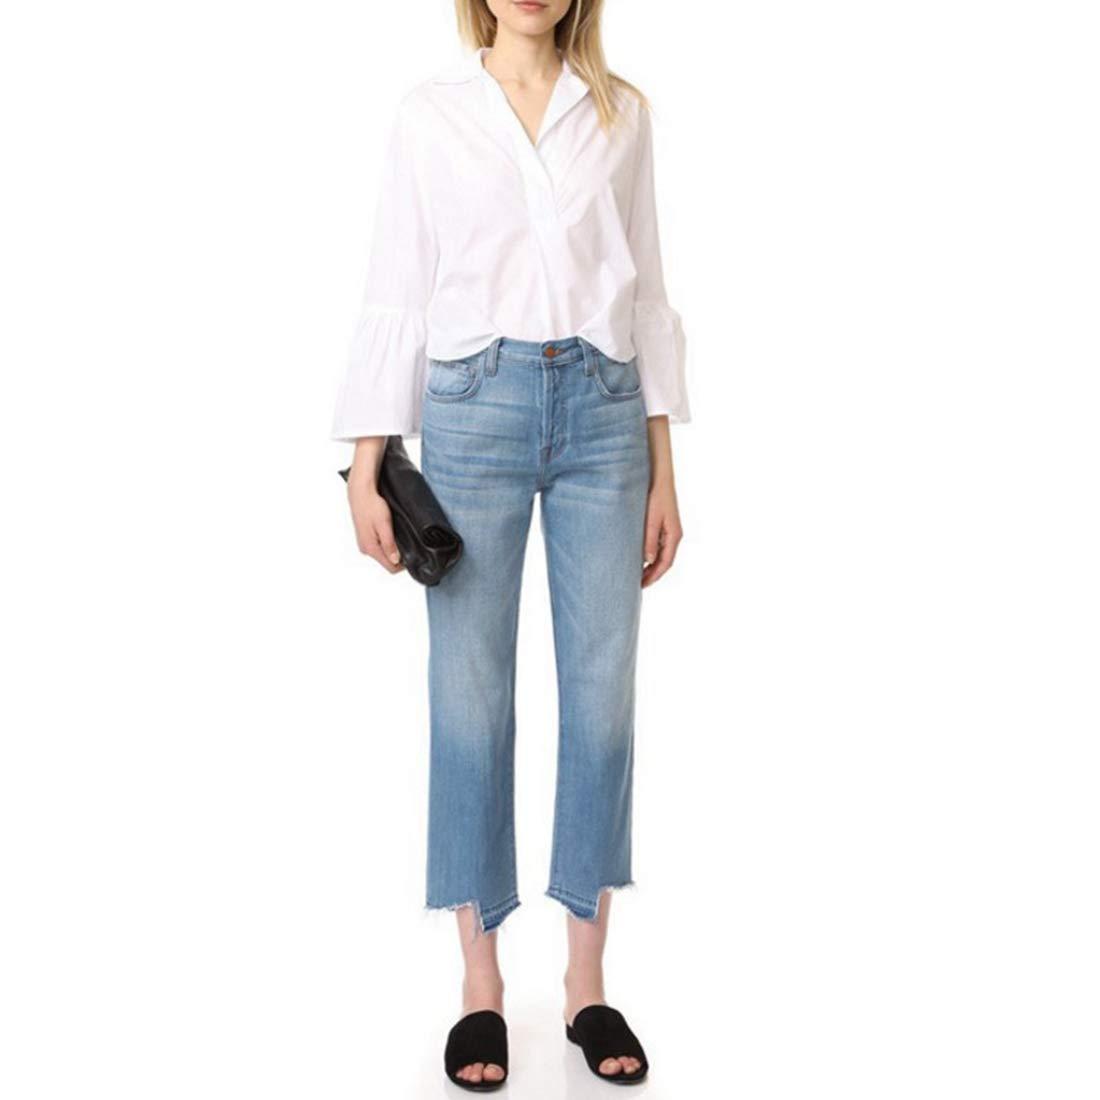 bluee Kirabon Autumn and Winter Trousers Step Irregular Trousers Boyfriend Light bluee Super high Waist Straight Jeans (color   bluee, Size   29)